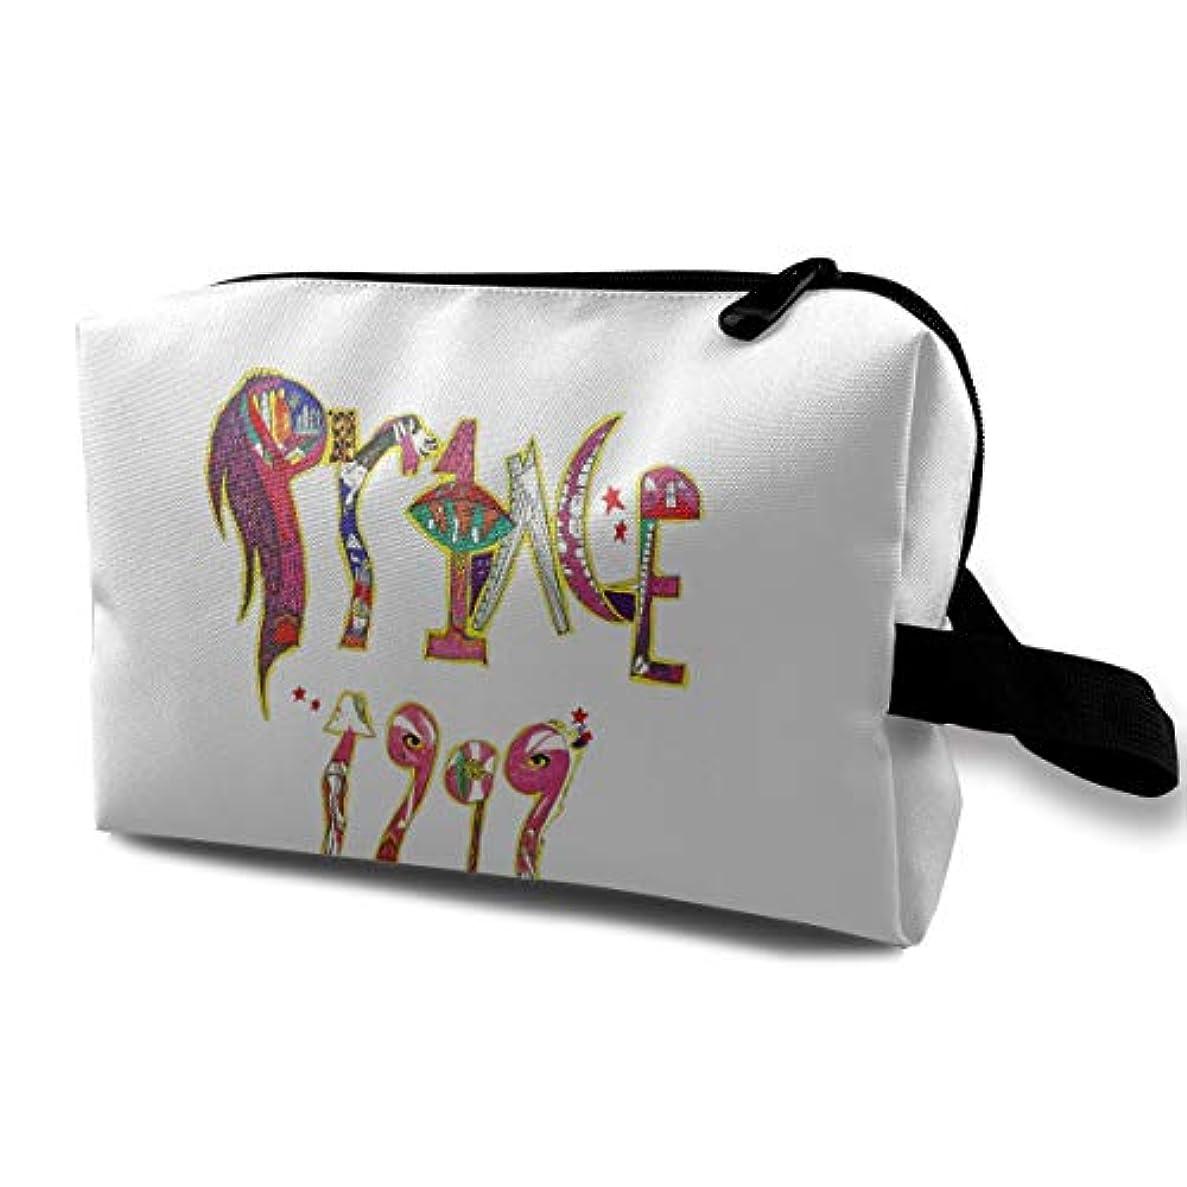 アグネスグレイつぶすペン化粧ポーチ 防水 機能的 旅行化粧品バッグ 持ち運び便利 トラベル収納バッグ